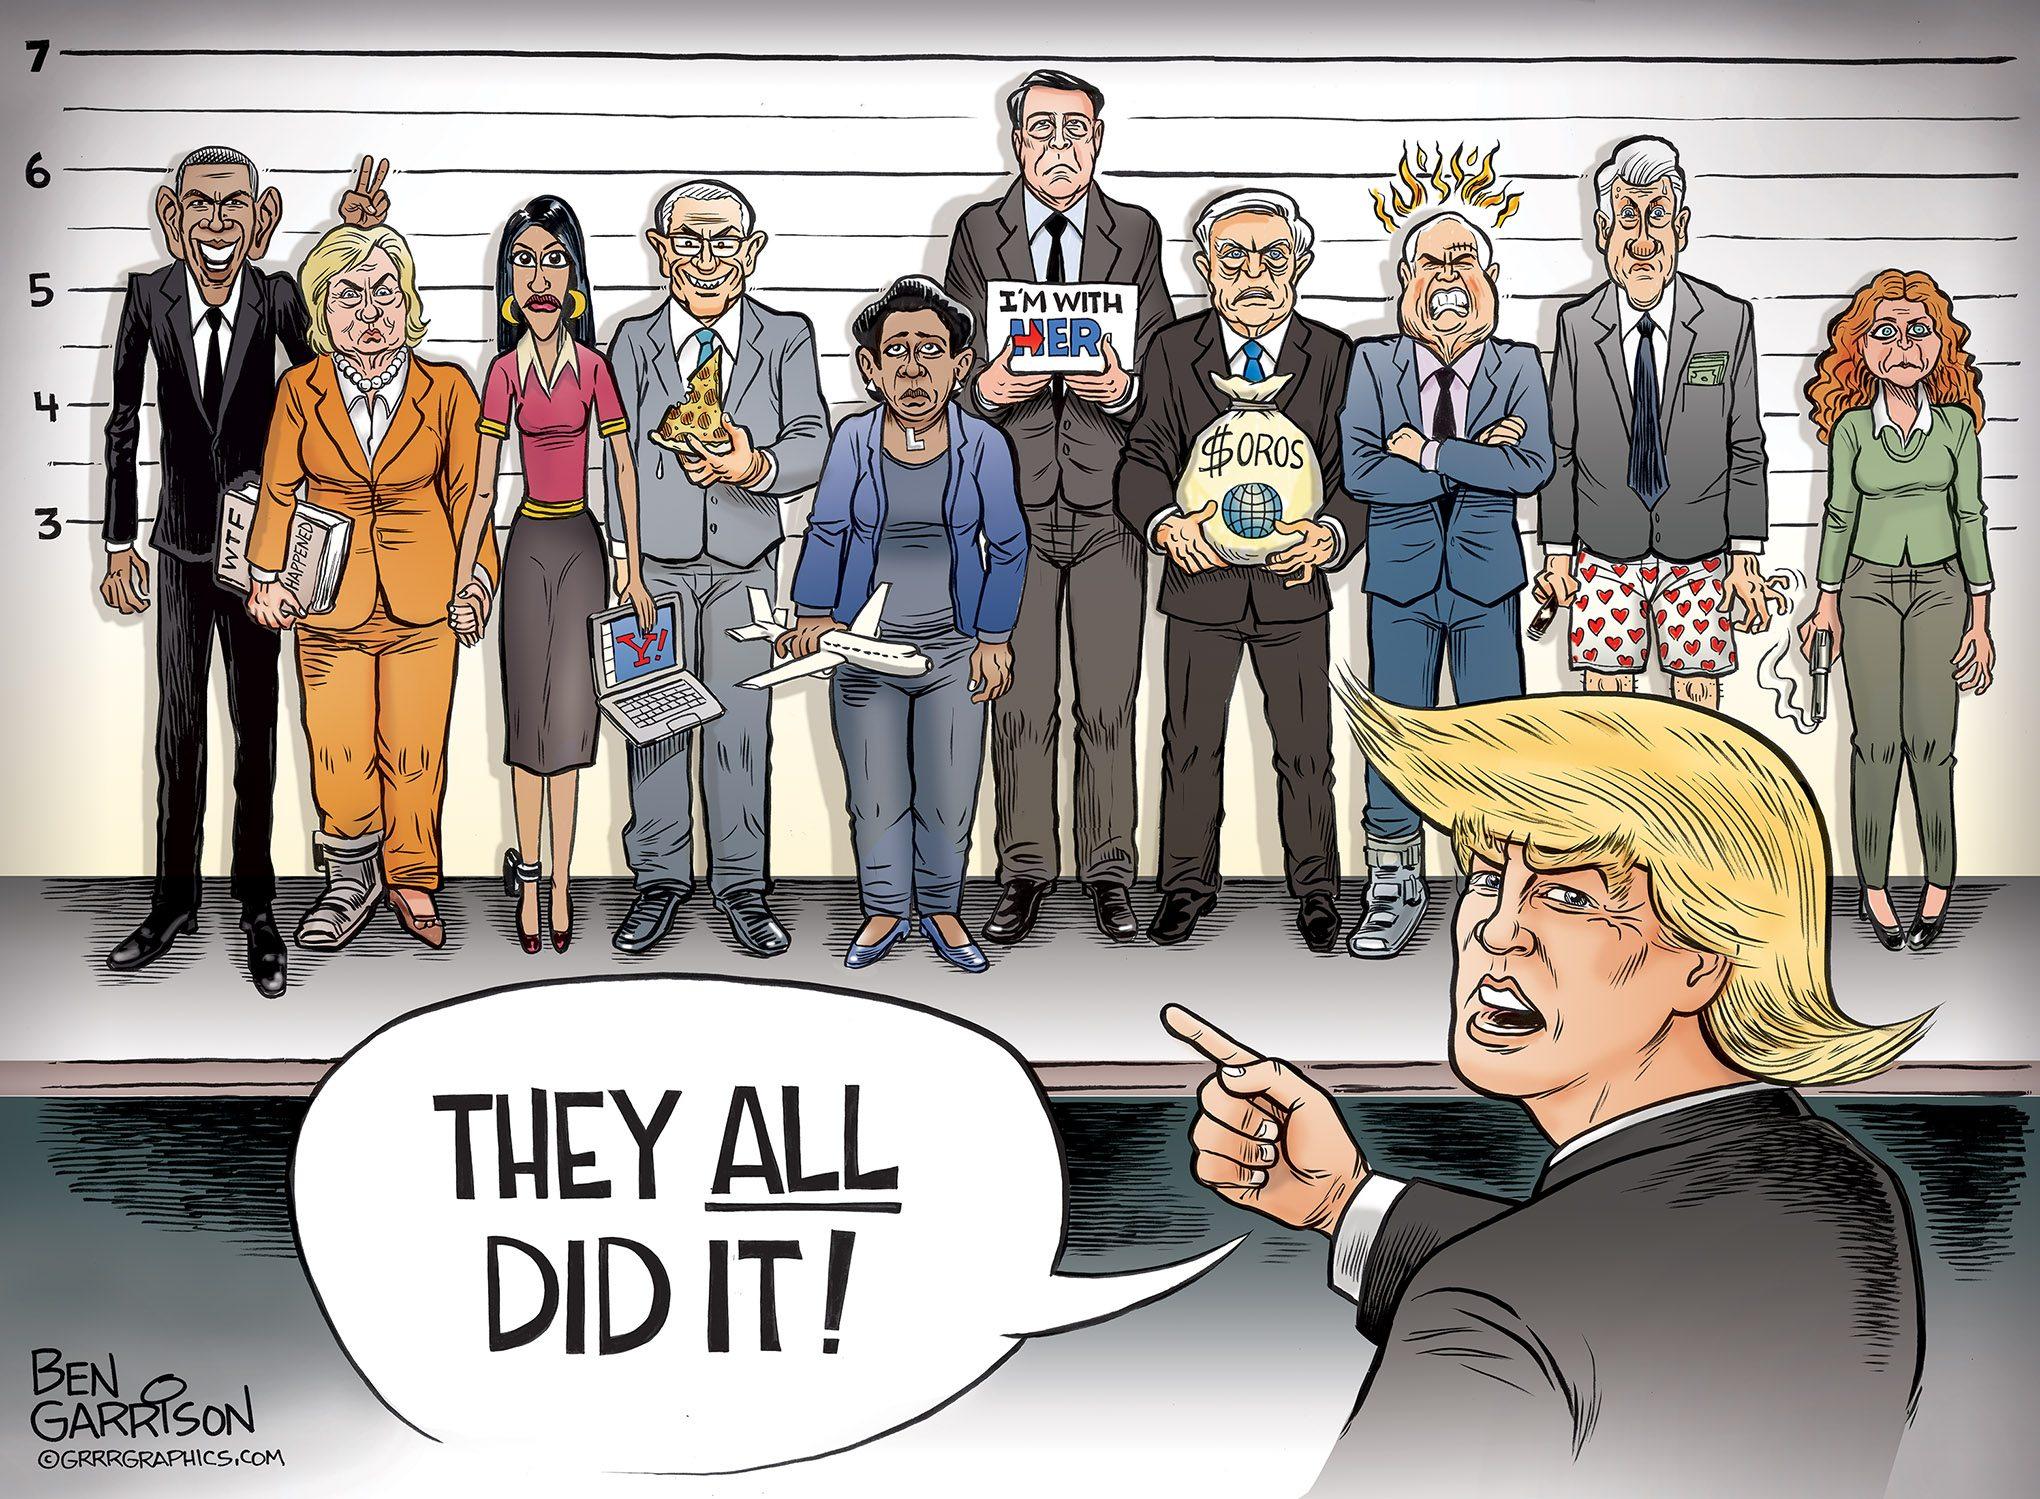 The Deep State Lineup cartoon by Ben Garrison